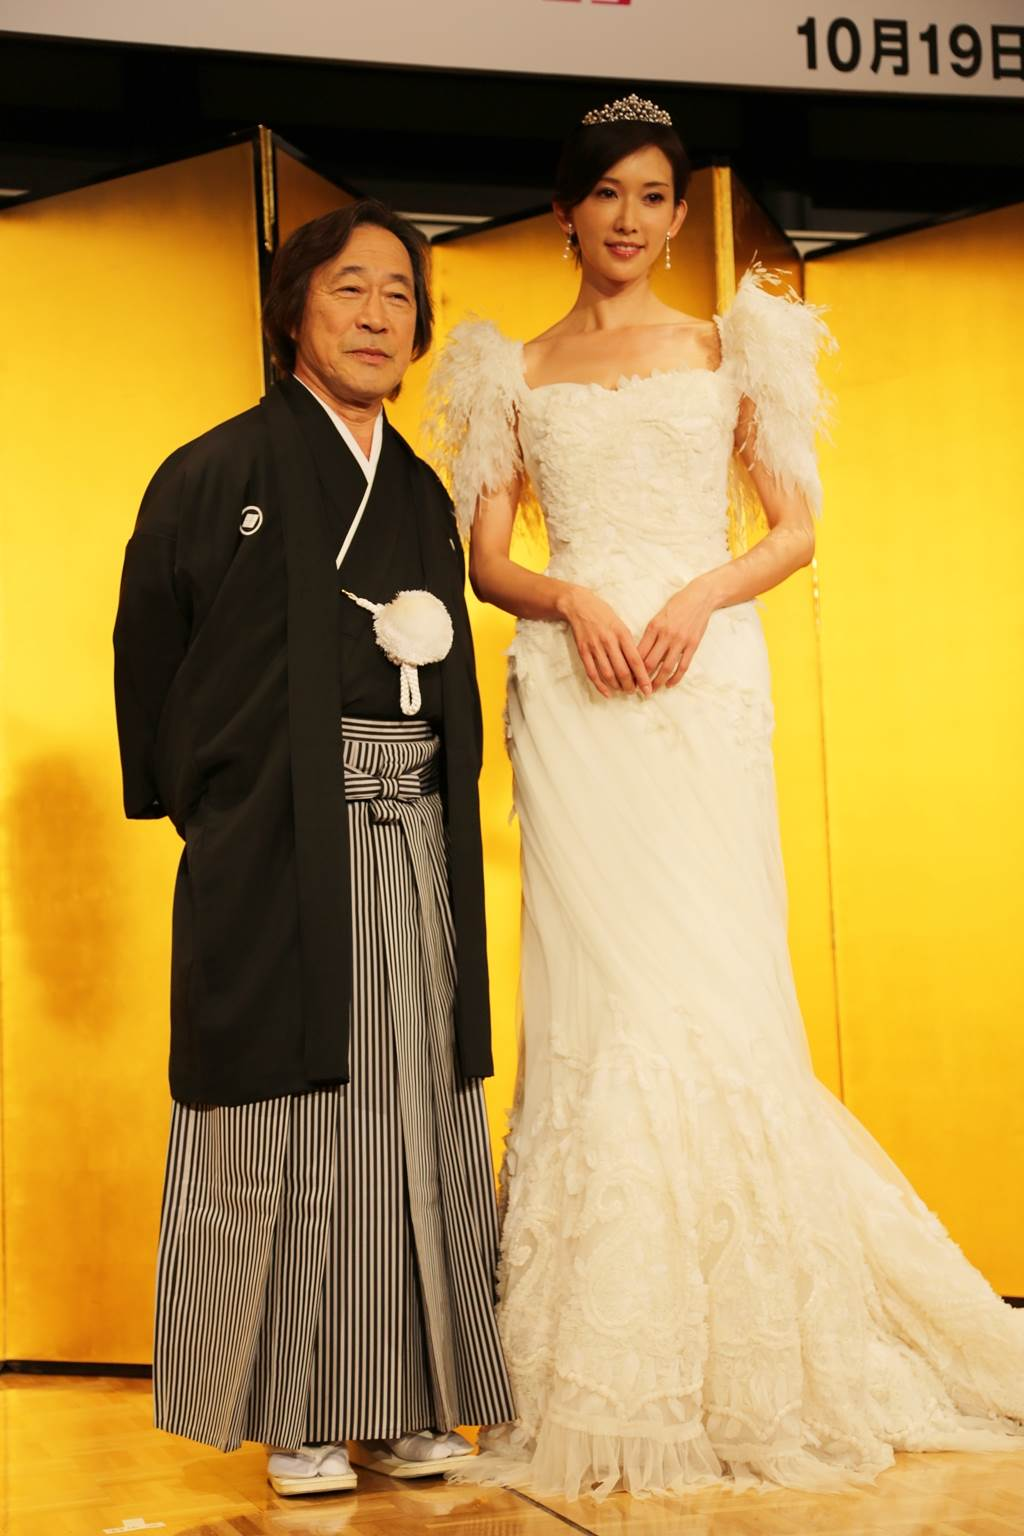 林志玲為宣傳電影,和日劇《101次求婚》男主角武田鐵矢合影,蓬蓬袖與小皇冠打扮公主味十足。(圖/中時資料照片)